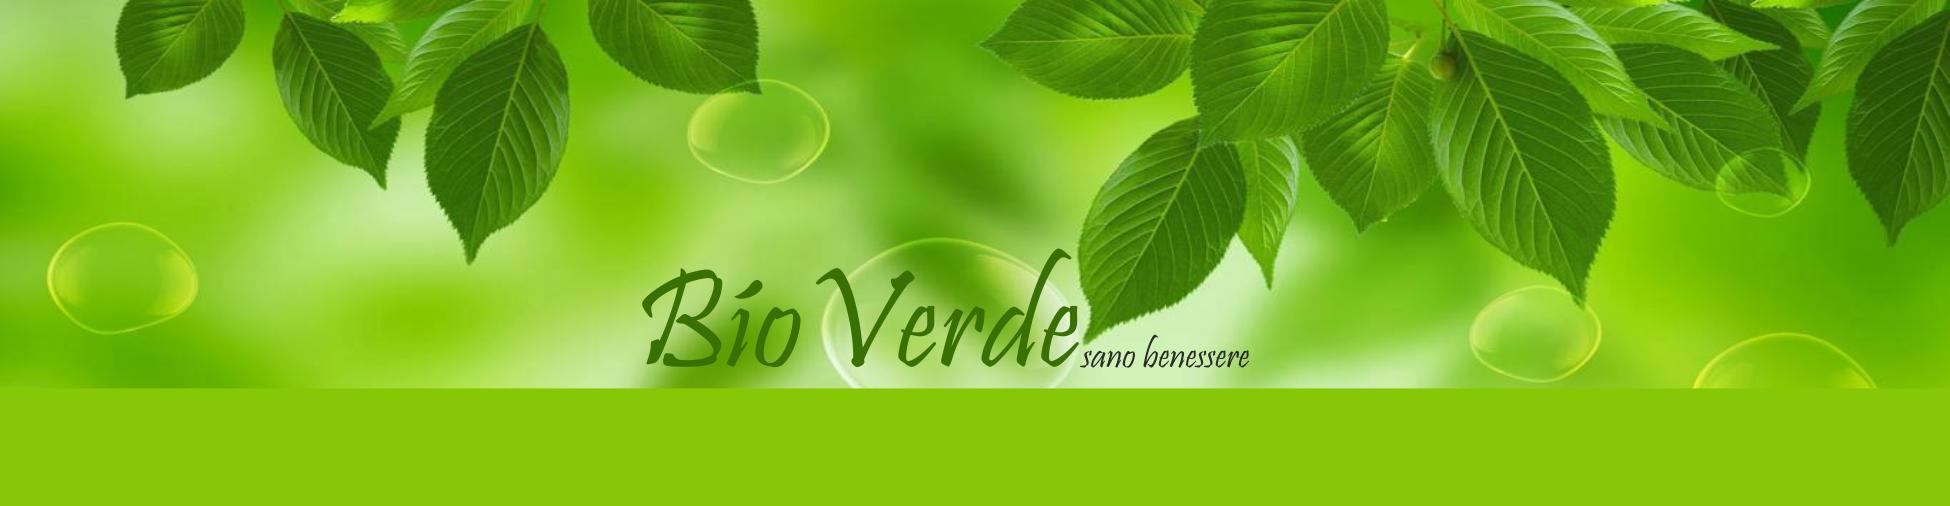 Bioverde, shop online